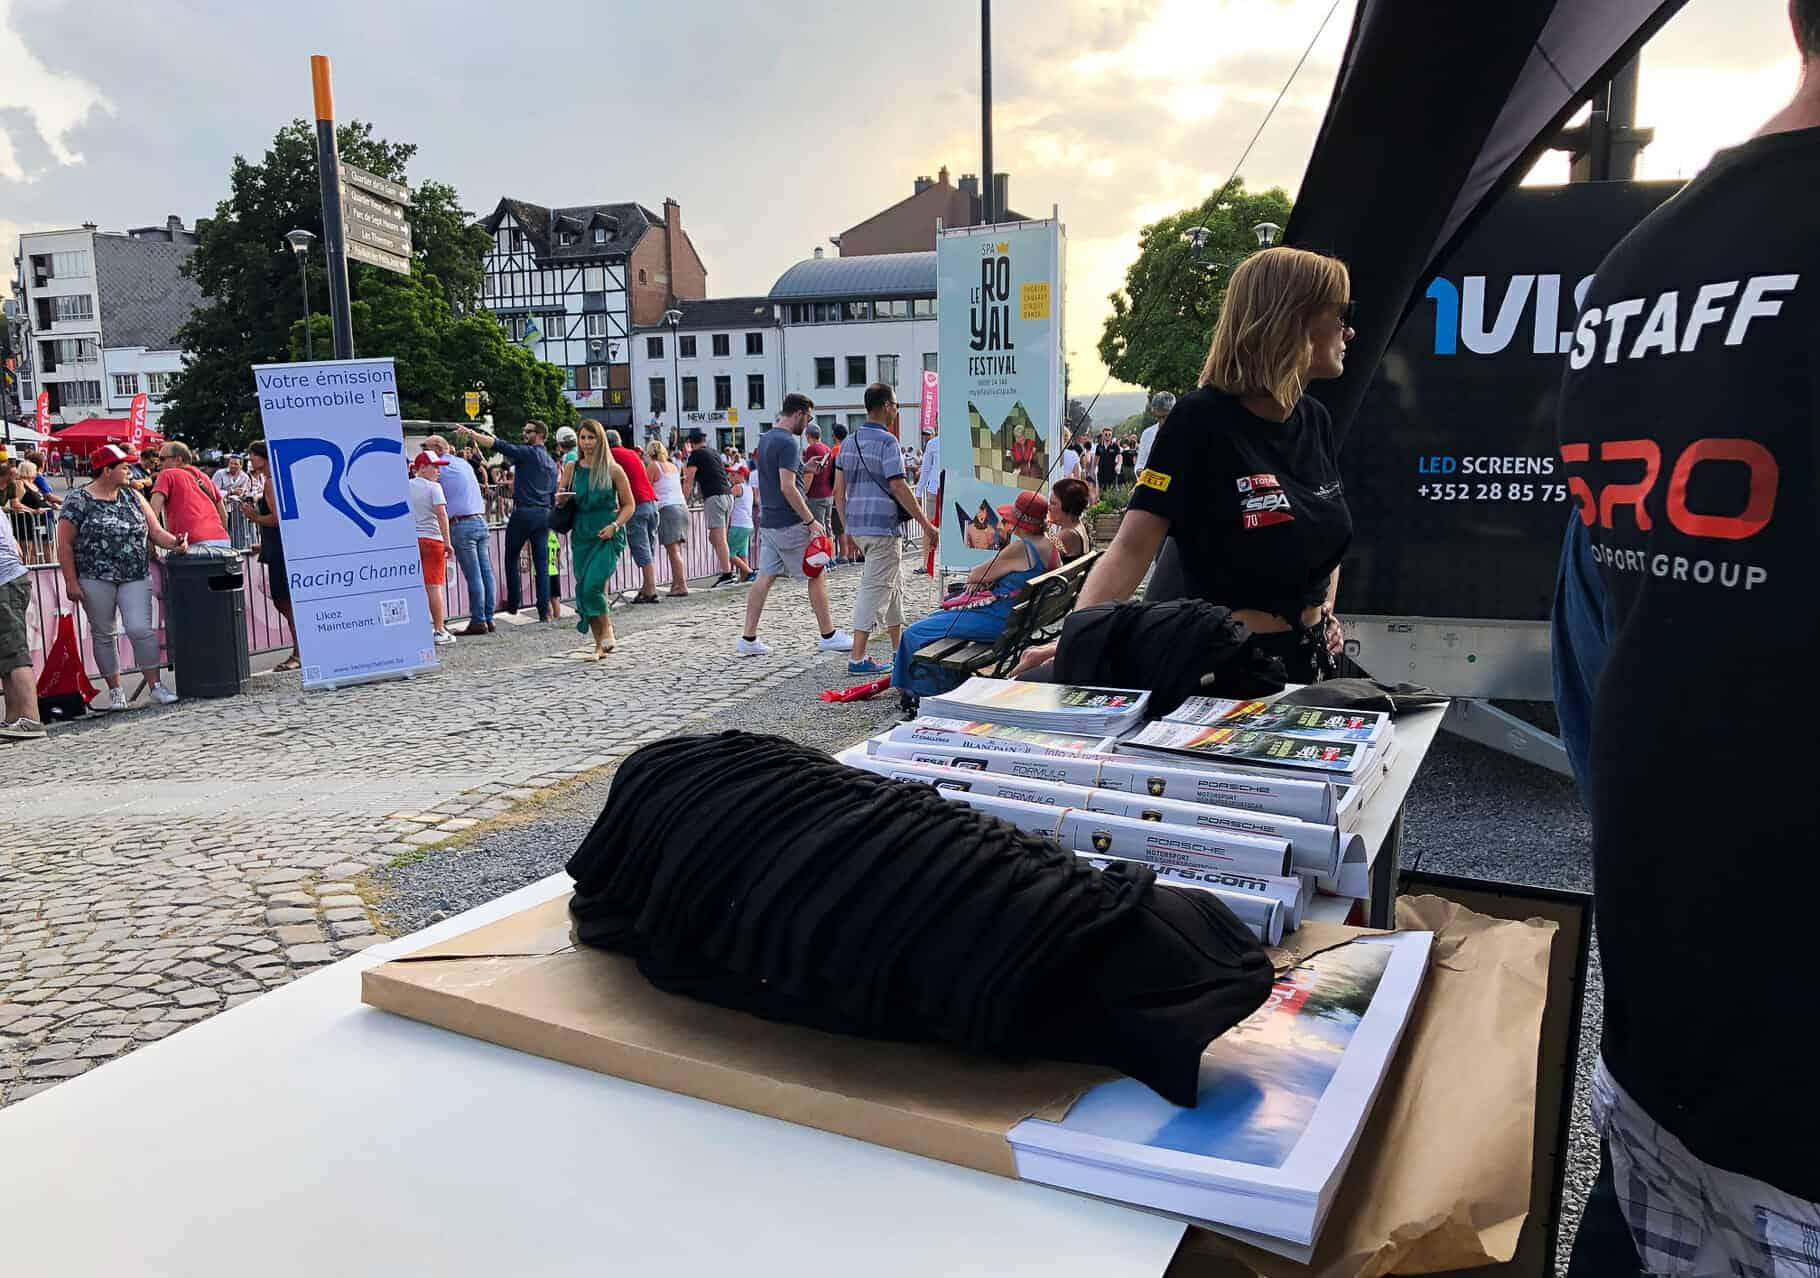 Aménagements vip réalisés par So Event pour les 24H 2019